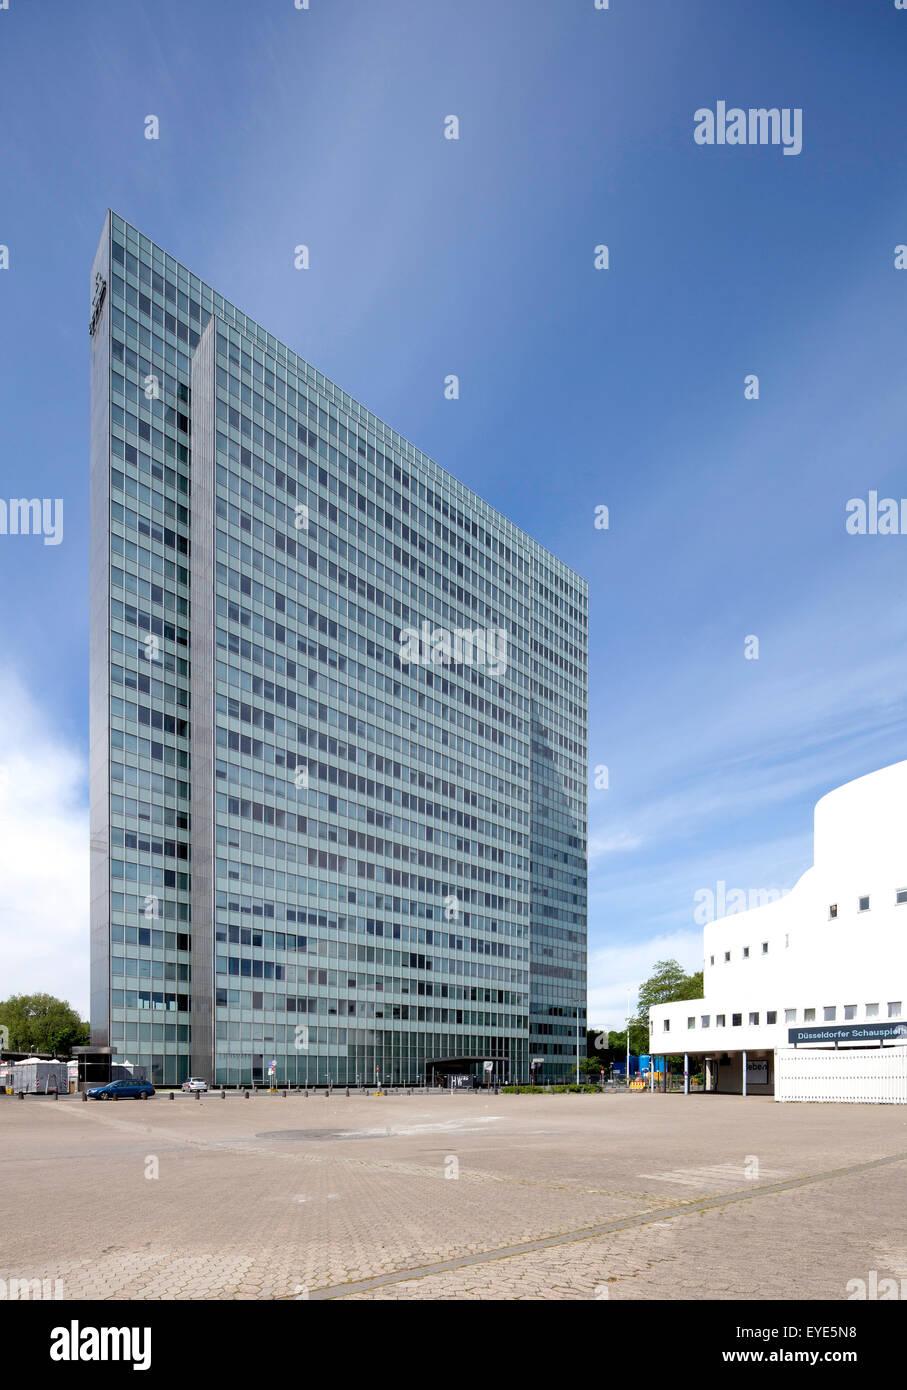 Dreischeibenhaus oder Thyssen Gebäude, Büroturm, Düsseldorf, Rheinland, Nordrhein-Westfalen, Deutschland Stockbild